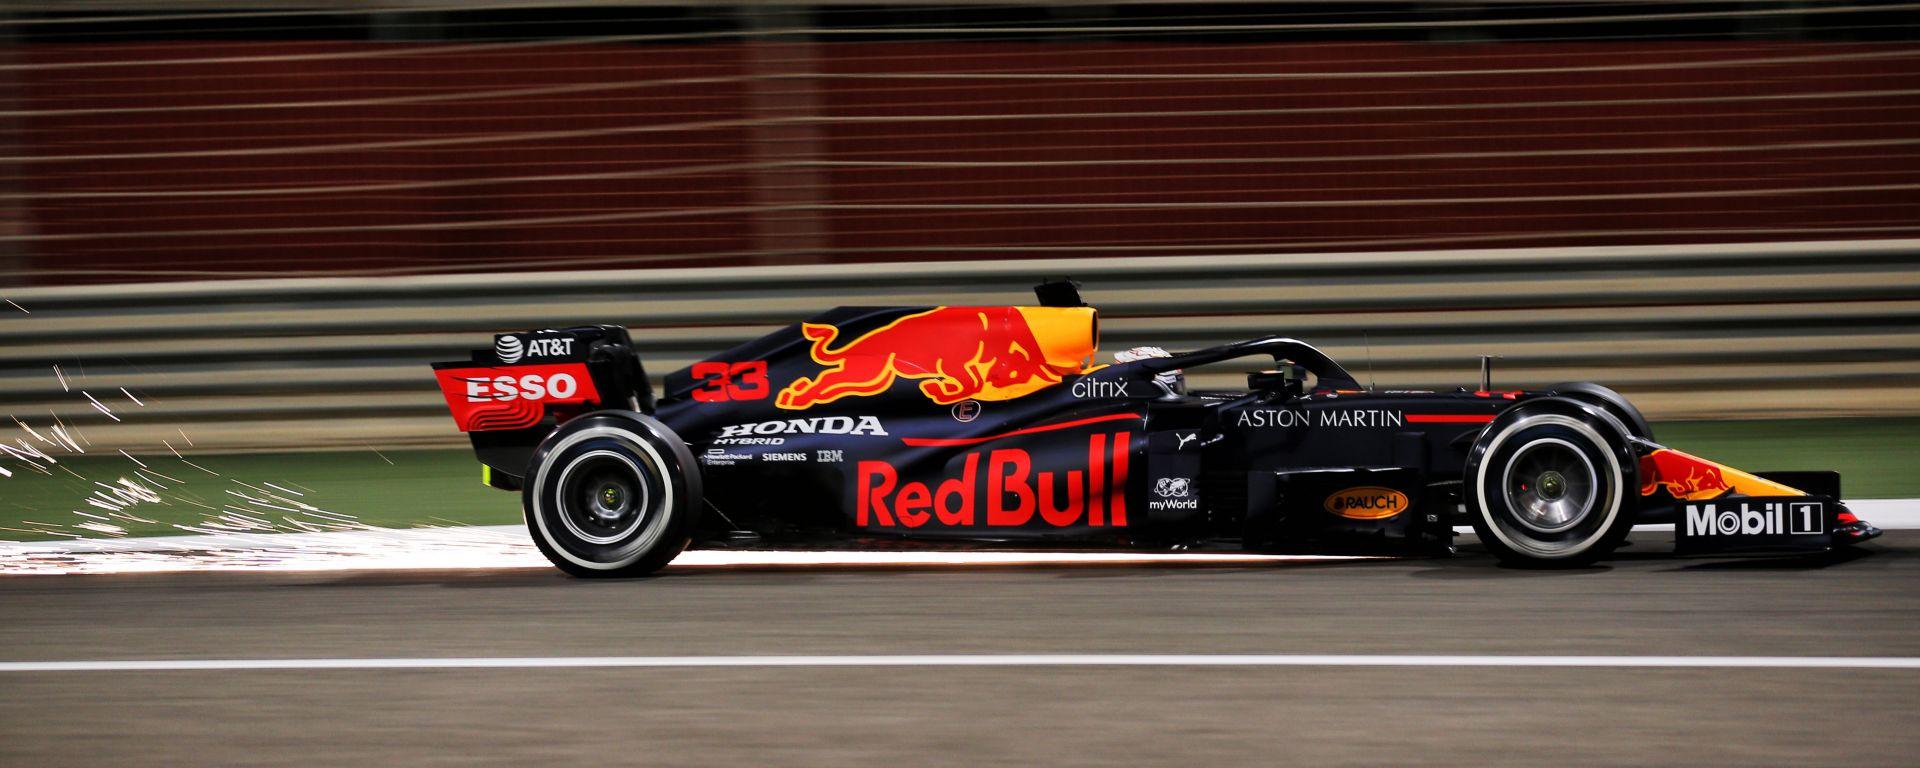 F1 GP Sakhir 2020, Manama: Max Verstappen (Red Bull Racing)